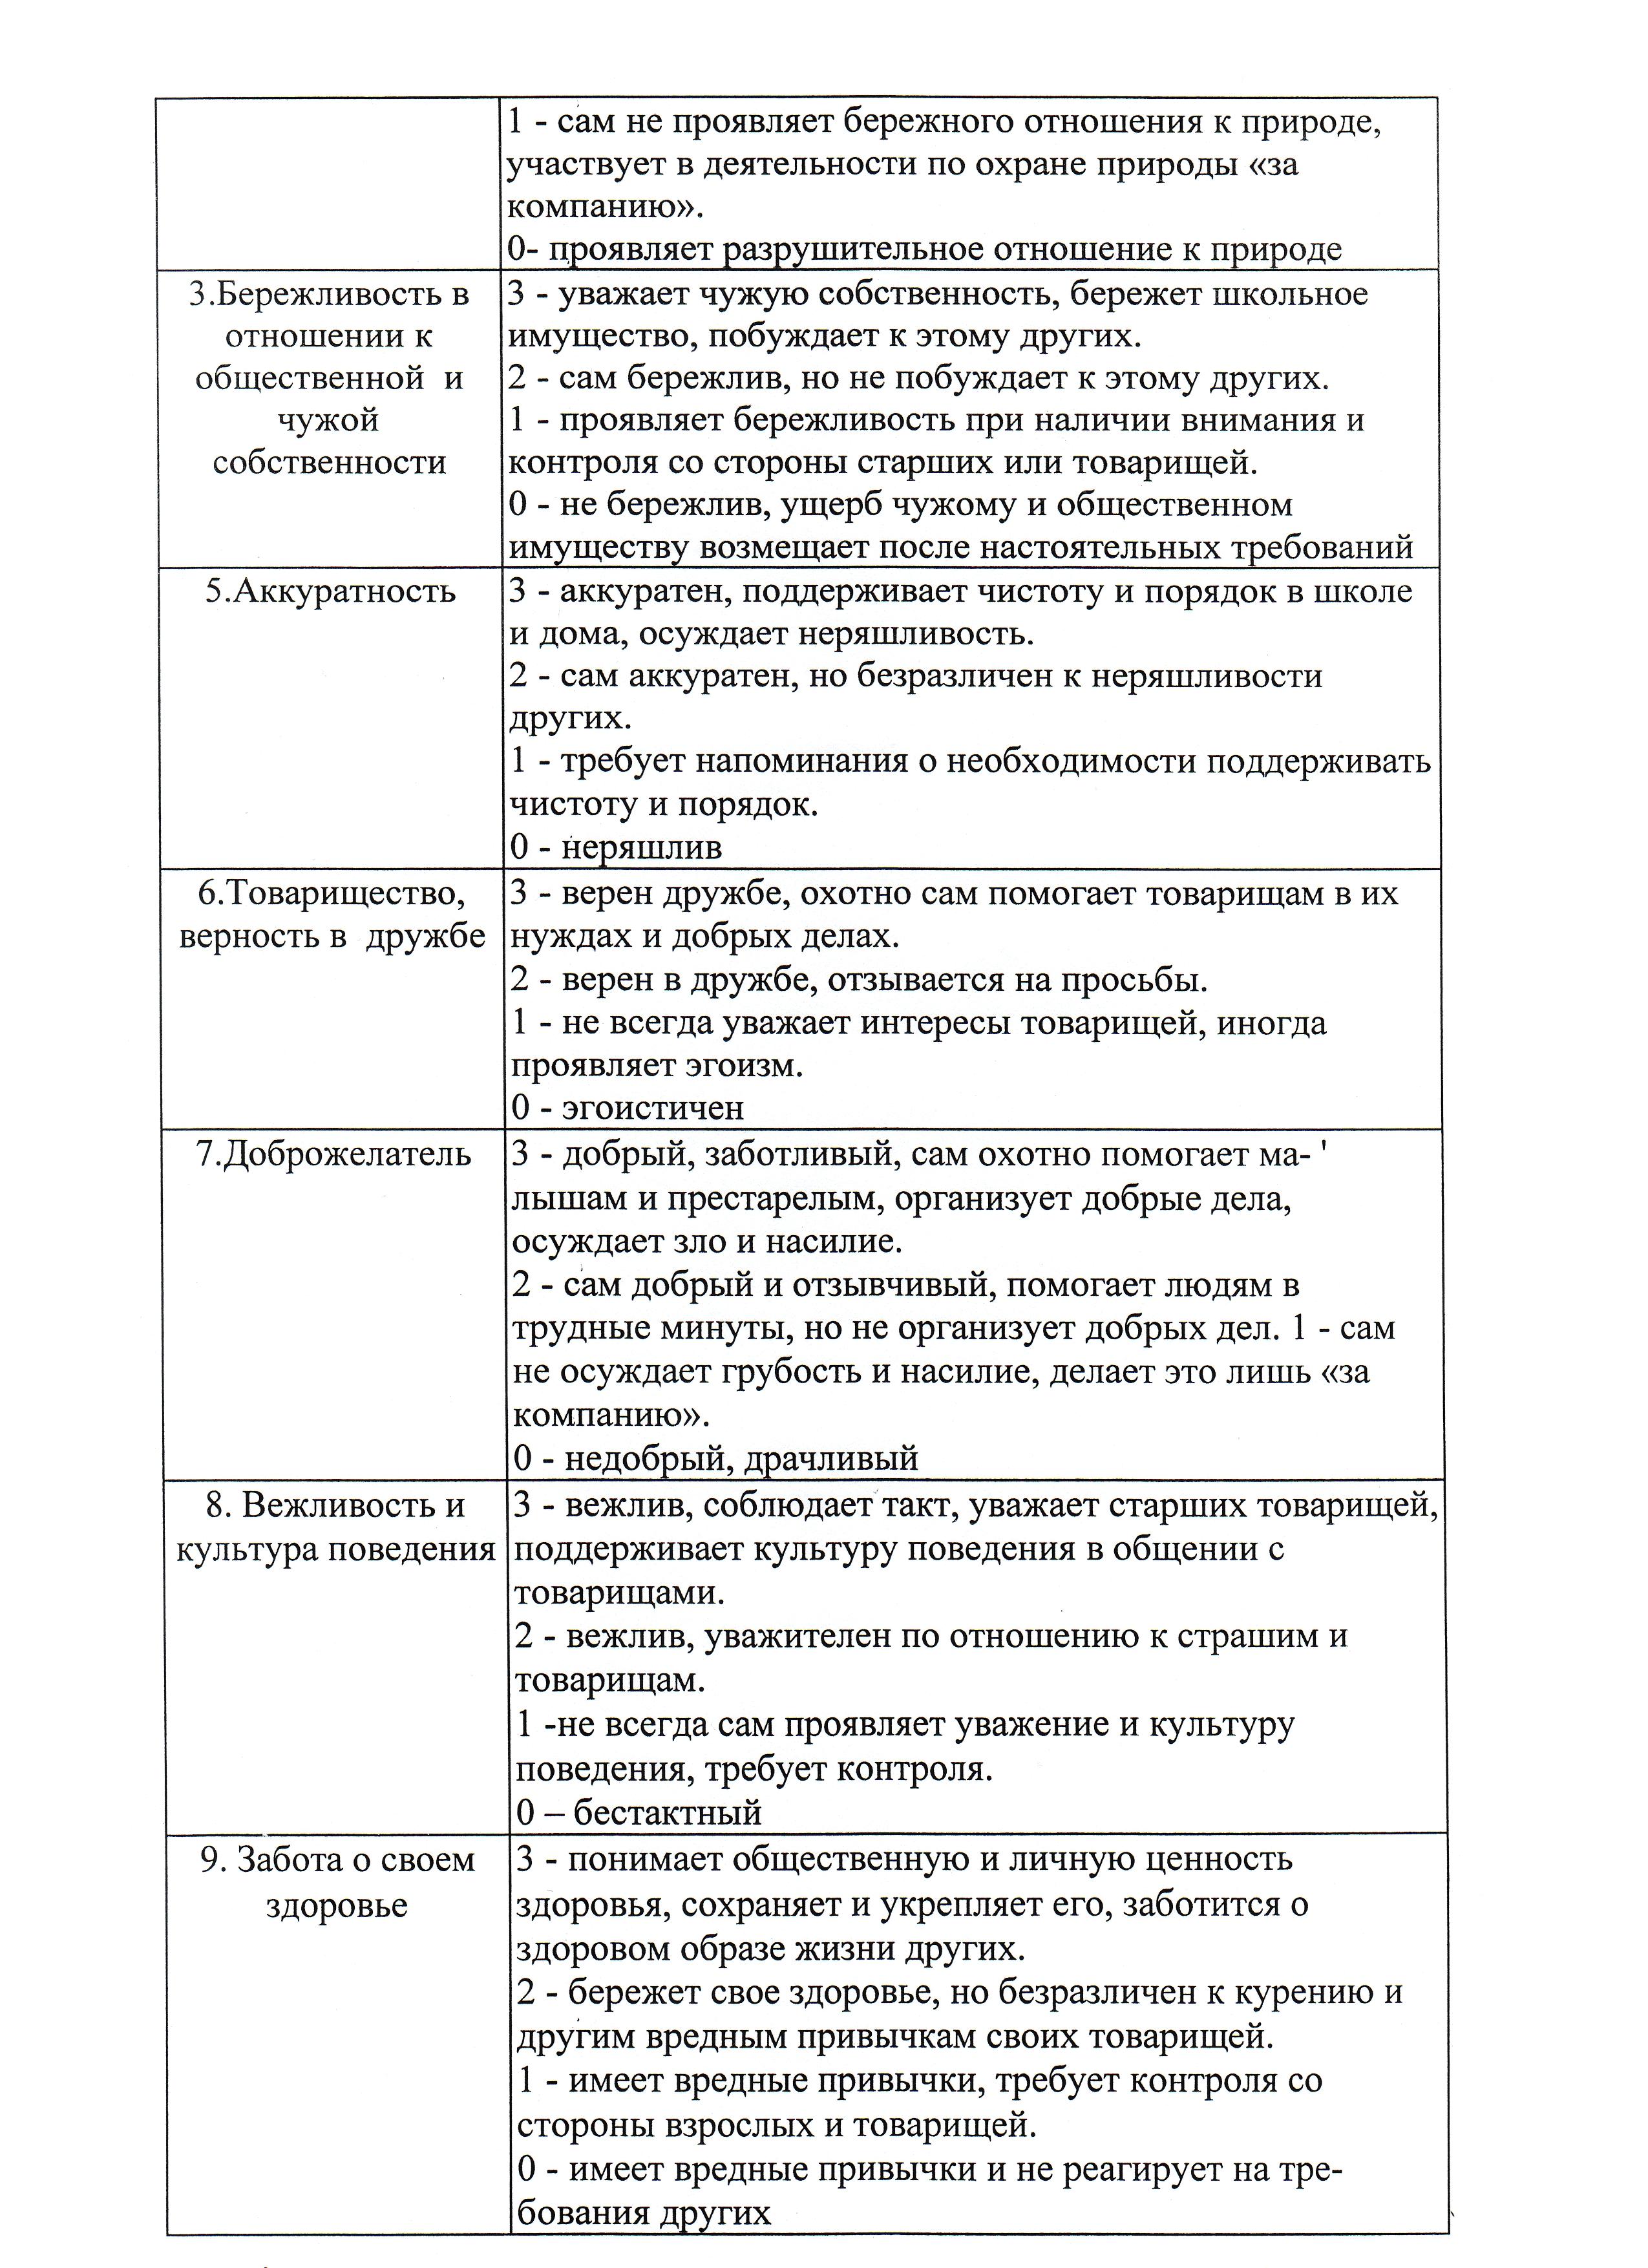 Приложение 8 (4)